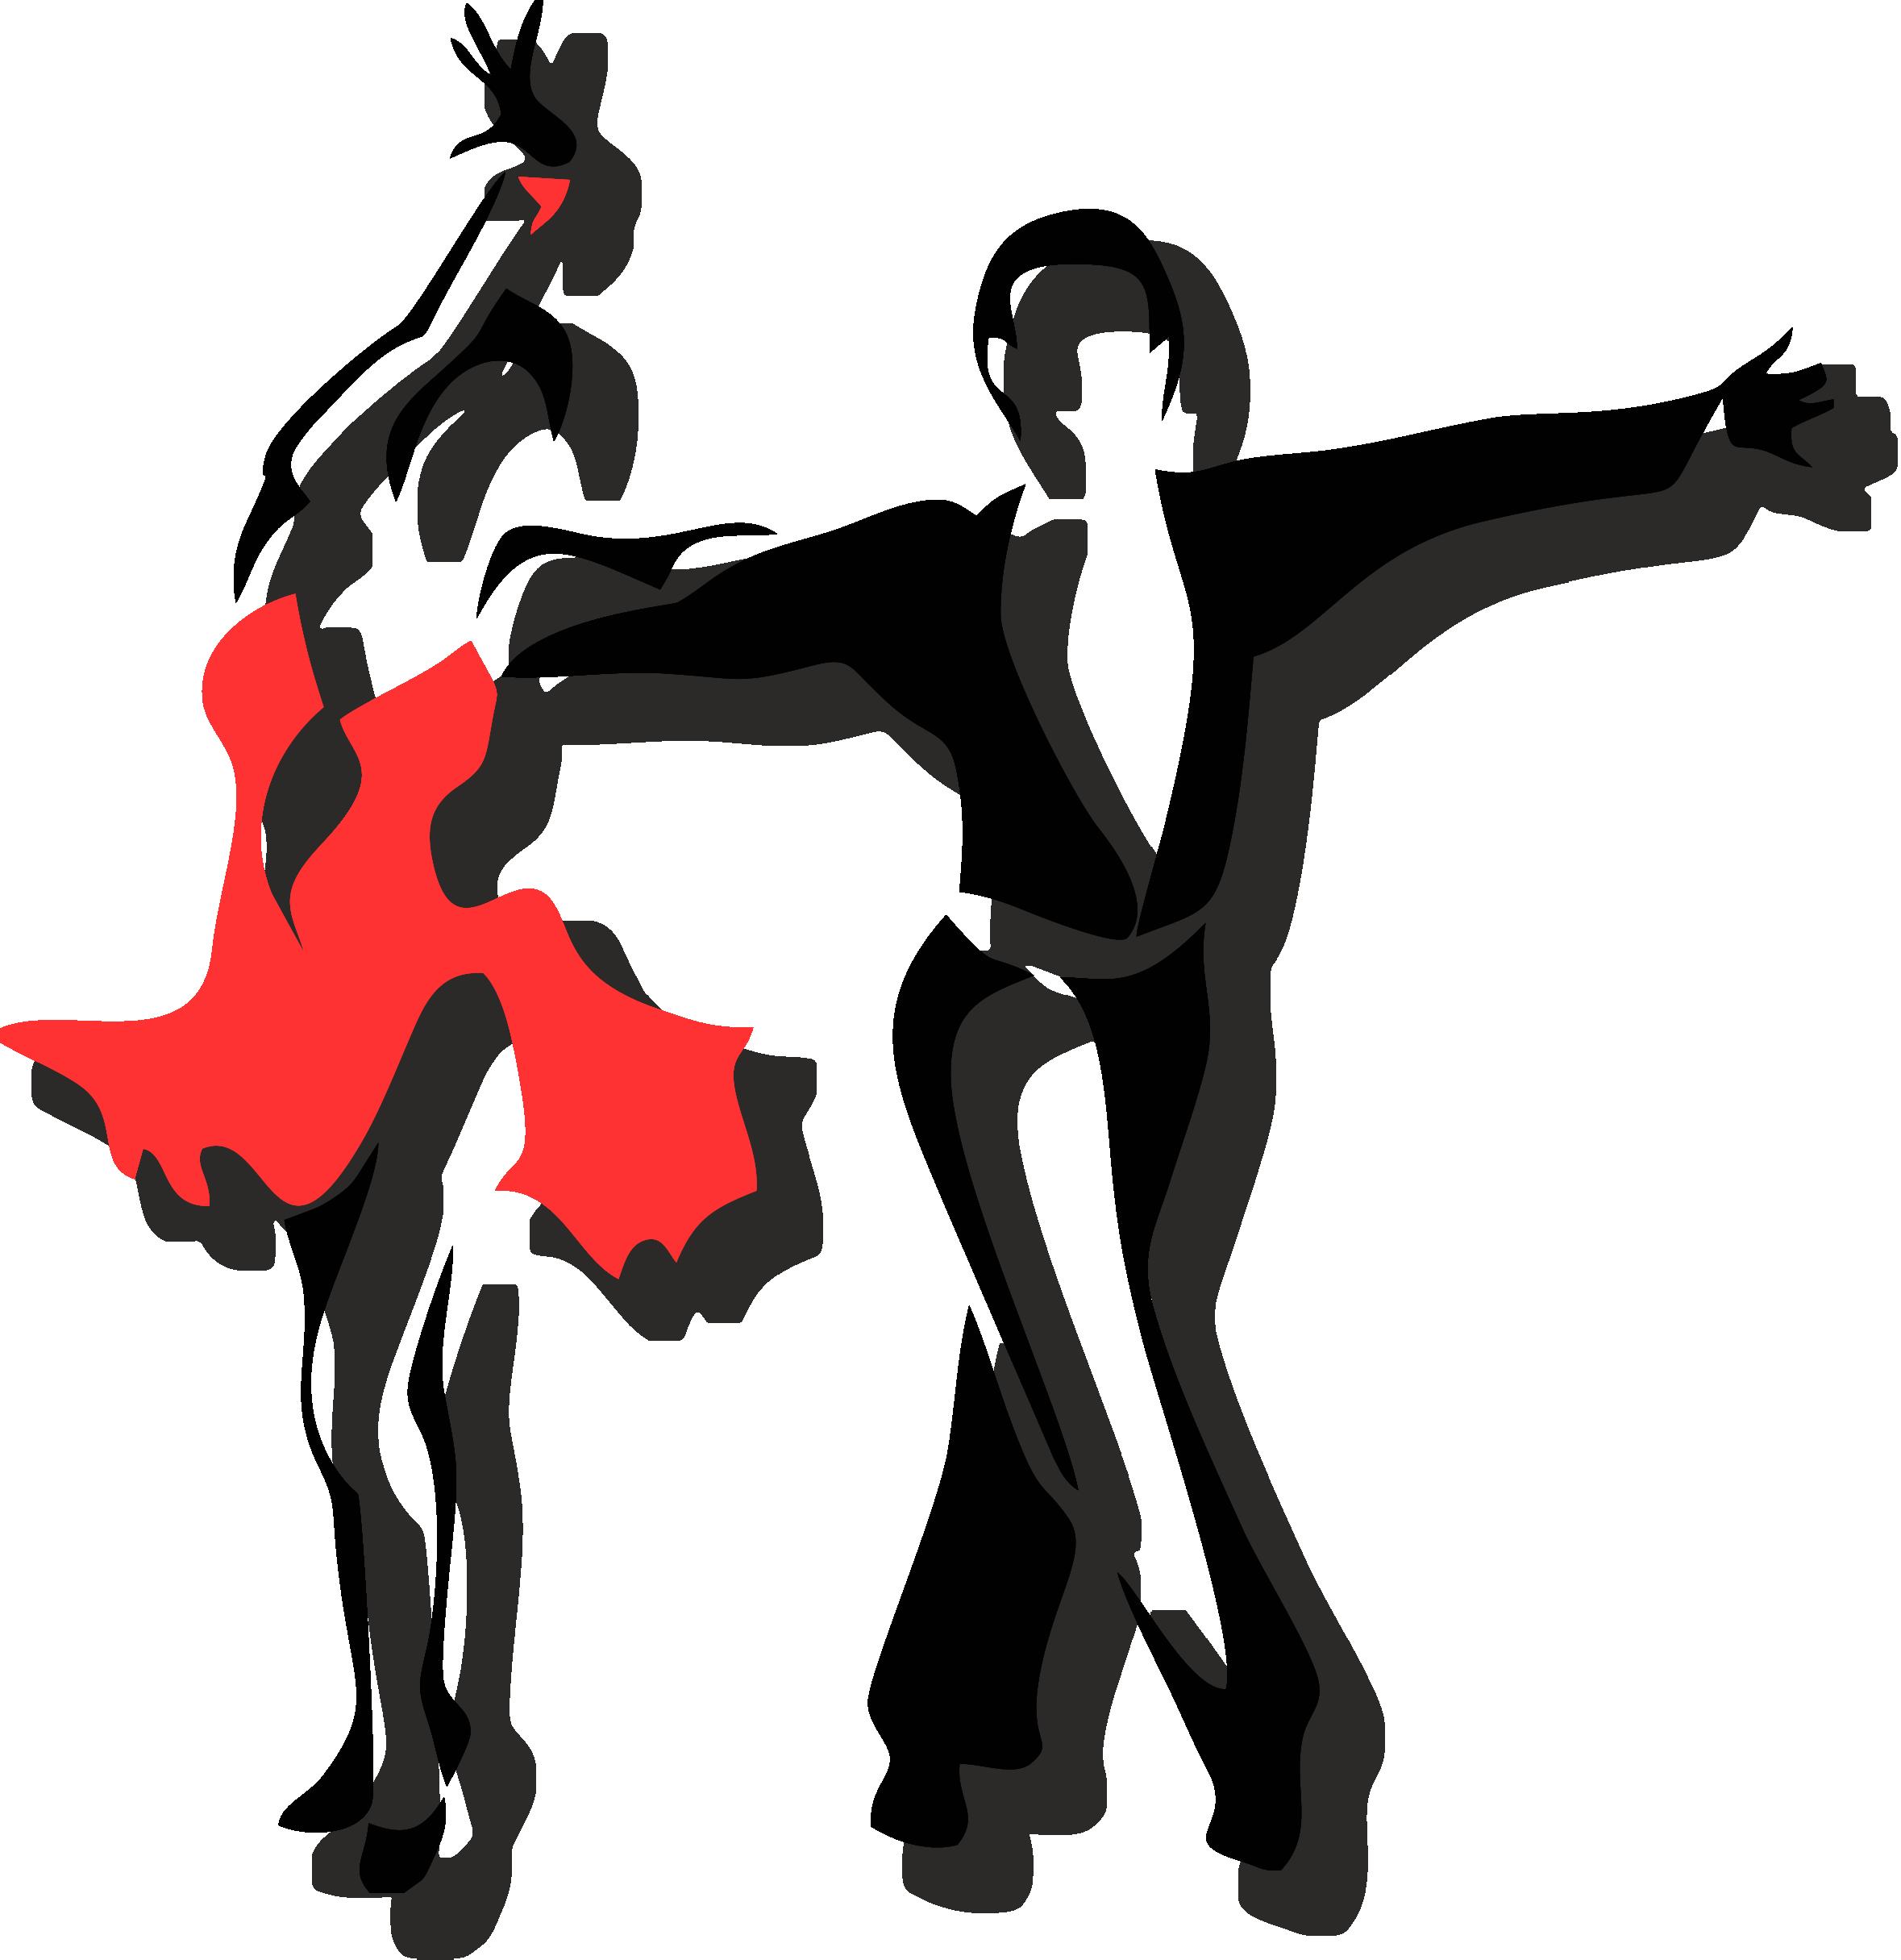 педерастию бальные танцы картинка силуэт эмблема города переводится древнееврейского